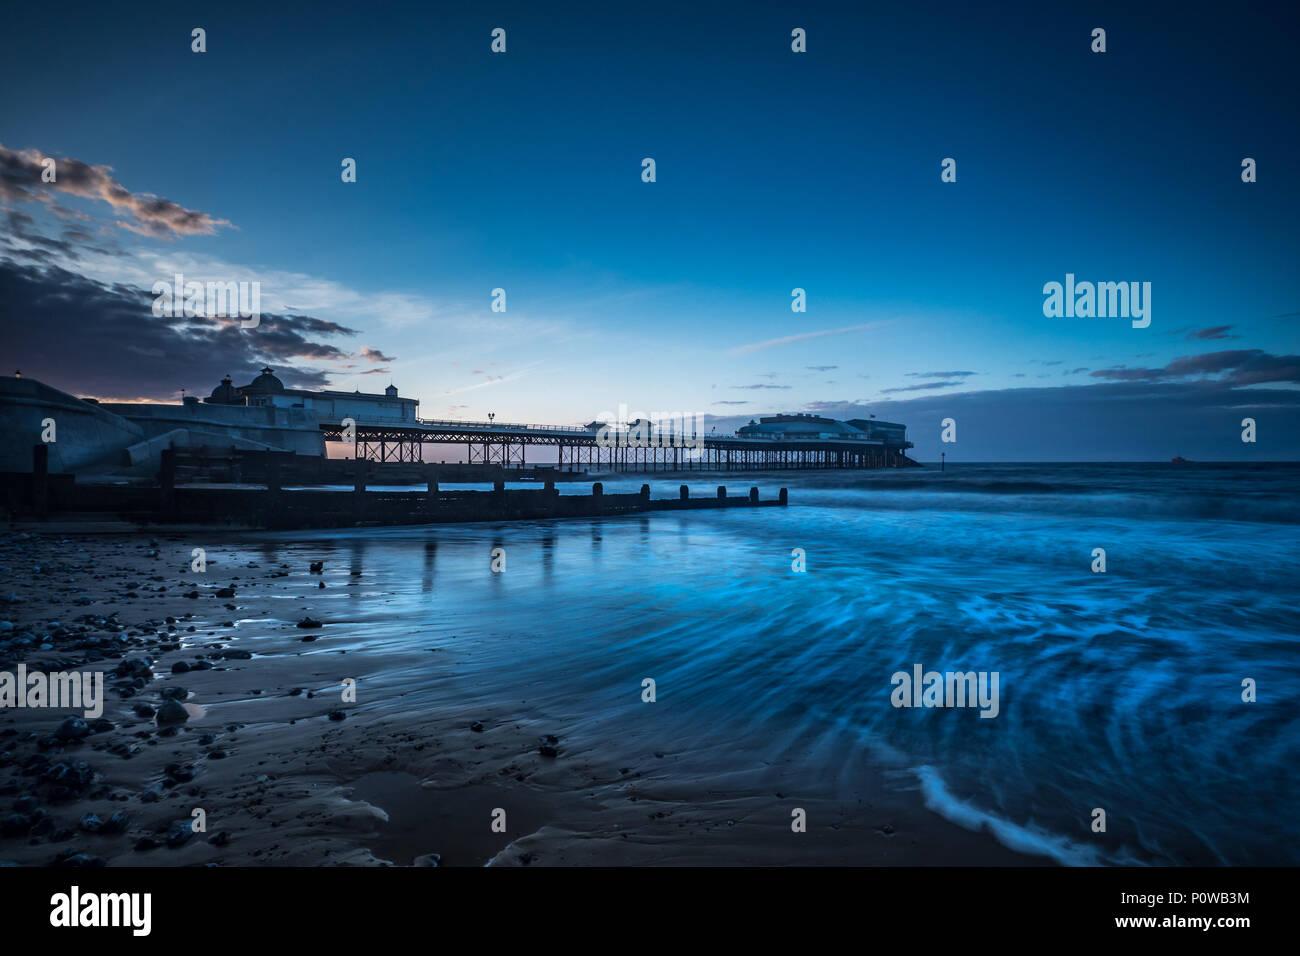 La fine del giorno a Cromer Pier Immagini Stock